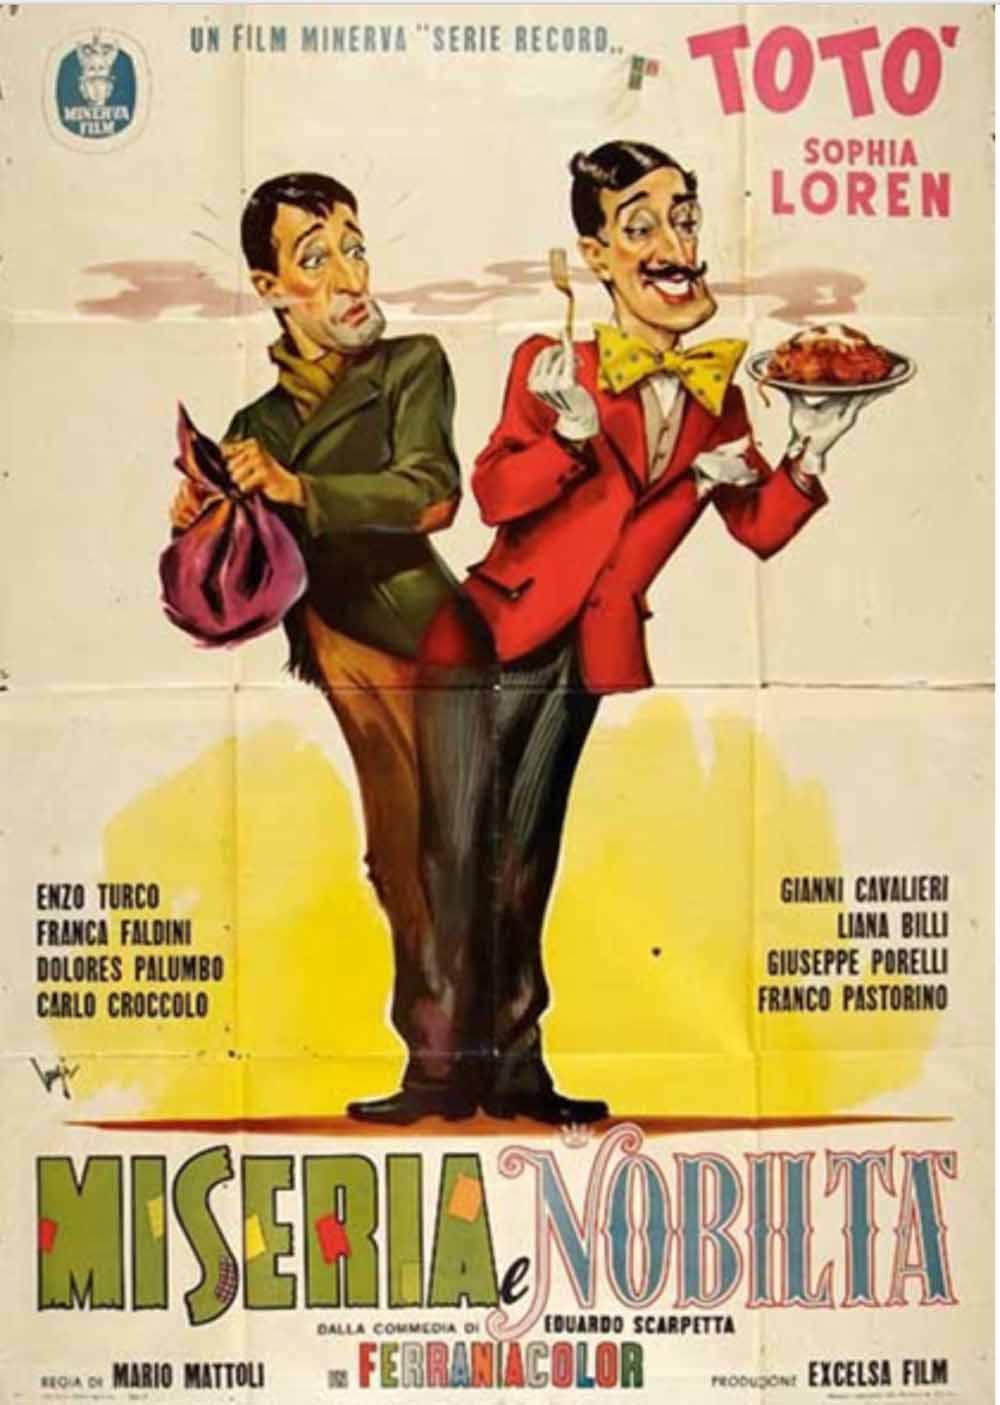 1954 - Miseria e nobiltà